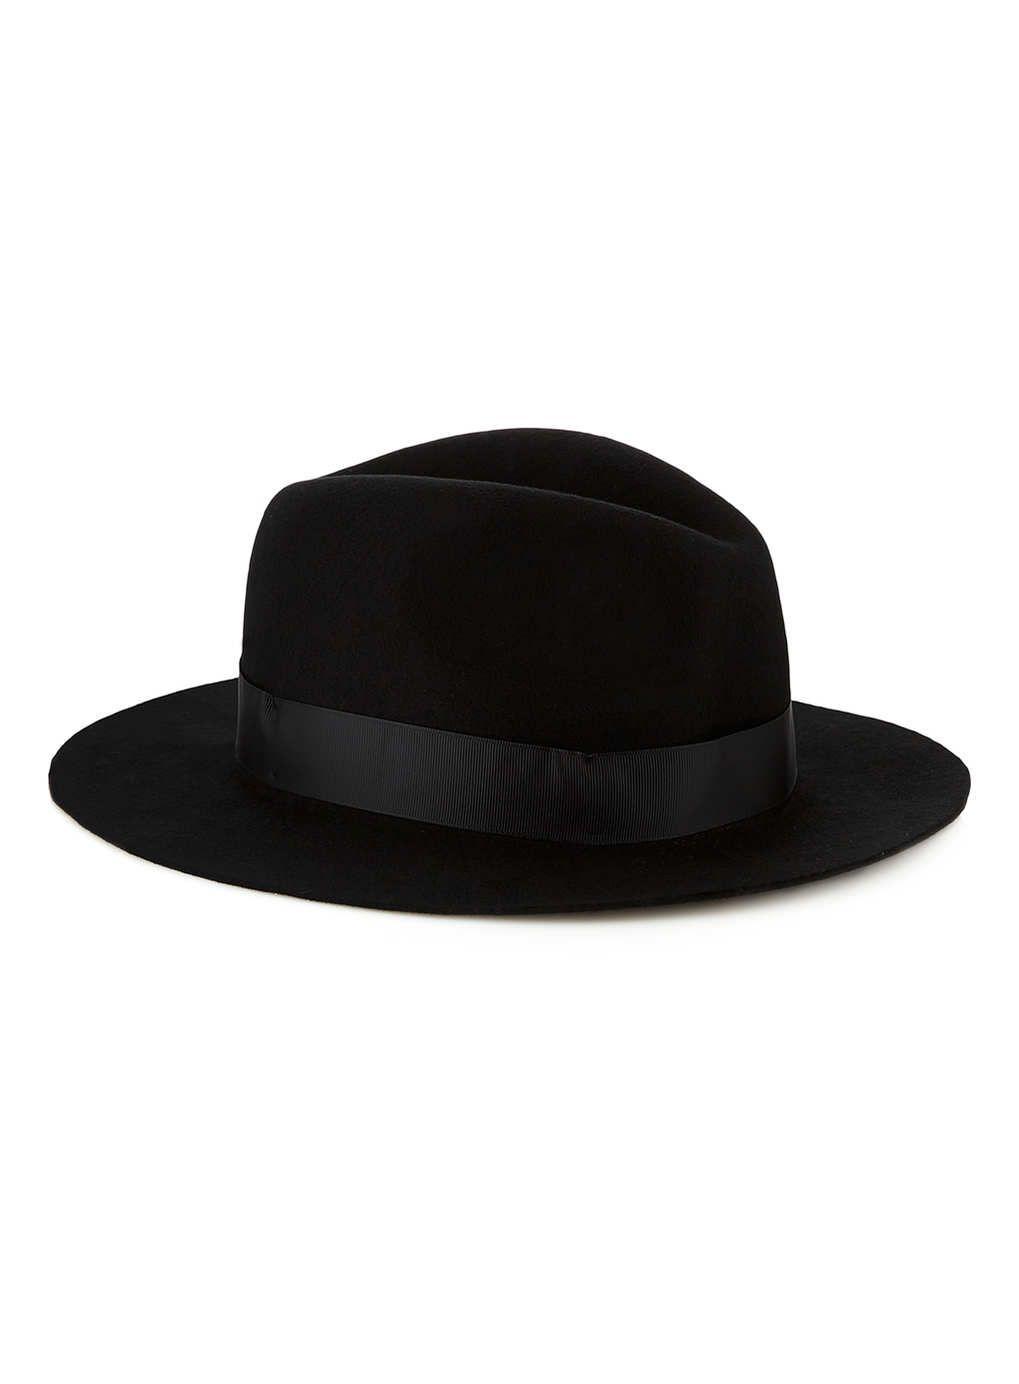 3c2d16e88a761f Topman hat | Hats | Hats, Stylish hats, Beanie hats